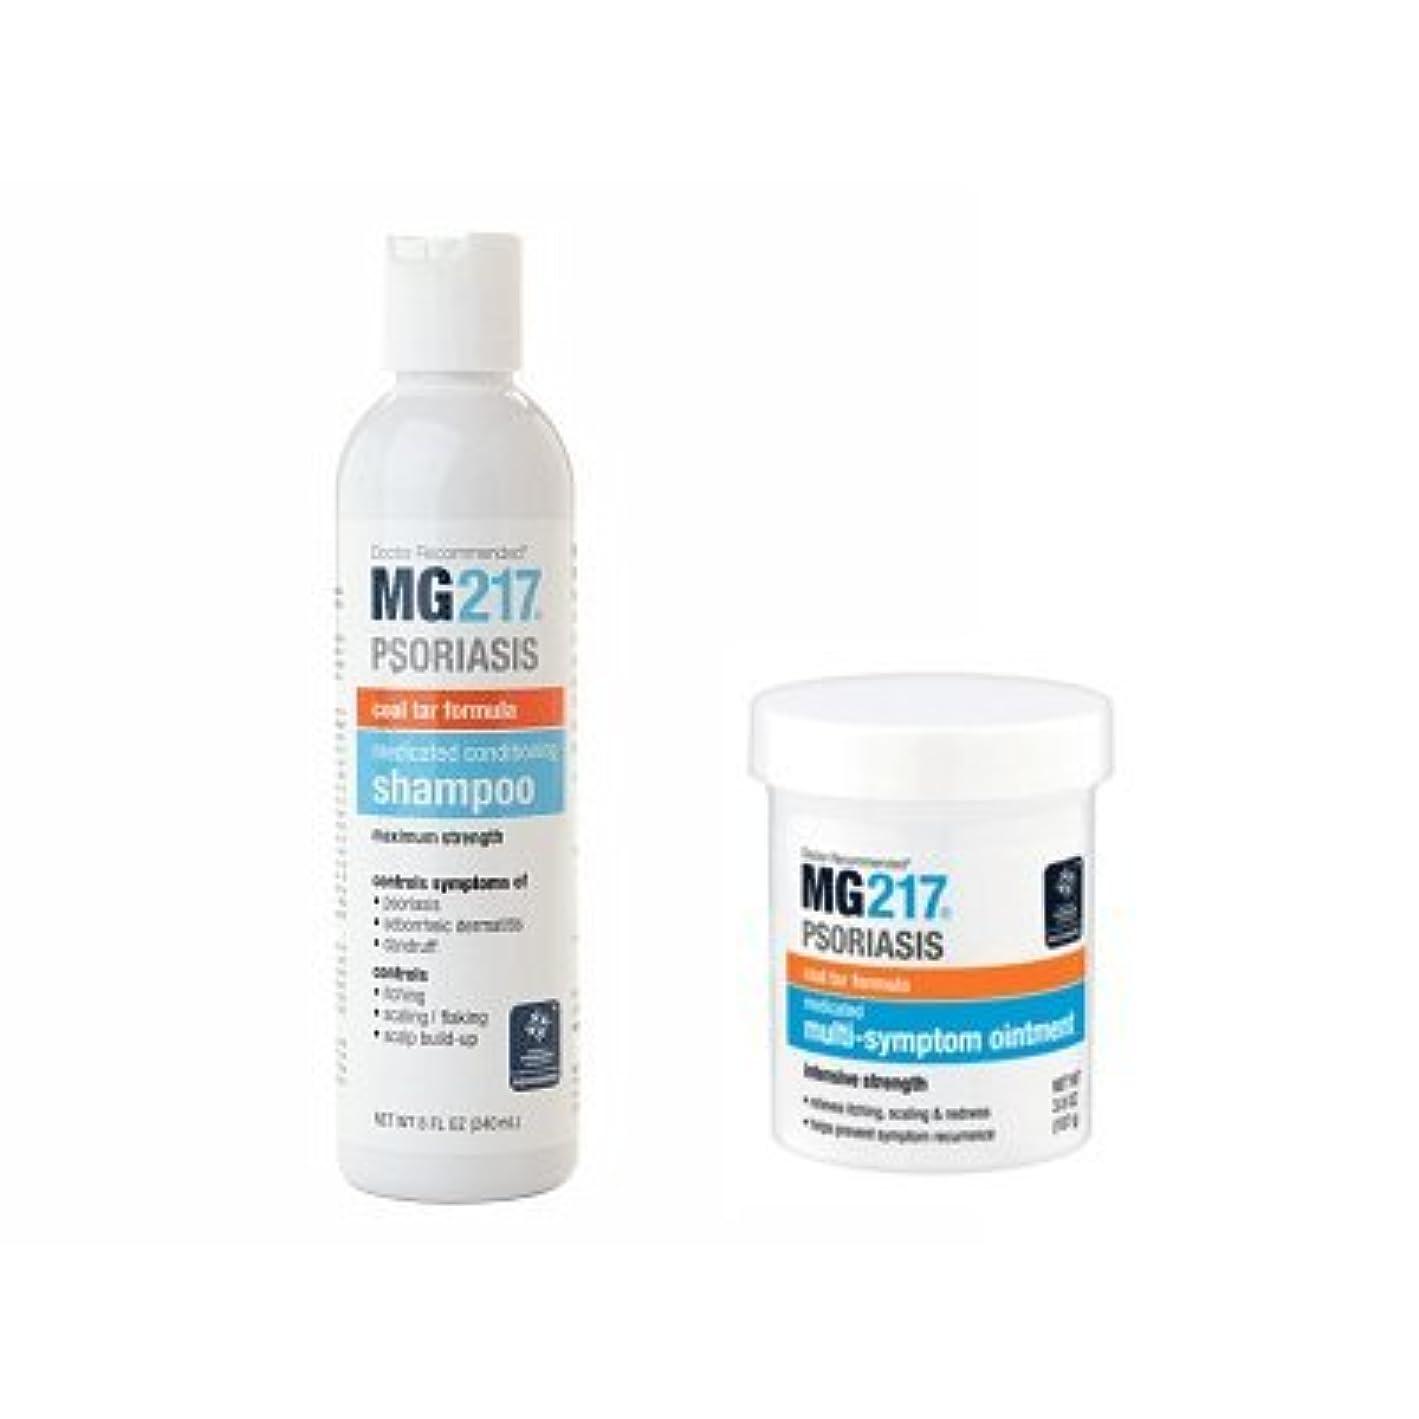 支配的構成員自明MG217 シャンプー&軟膏セット 240ml/107ml Psoriasis Medicated Conditioning Shampoo,Ointment set 海外直送品